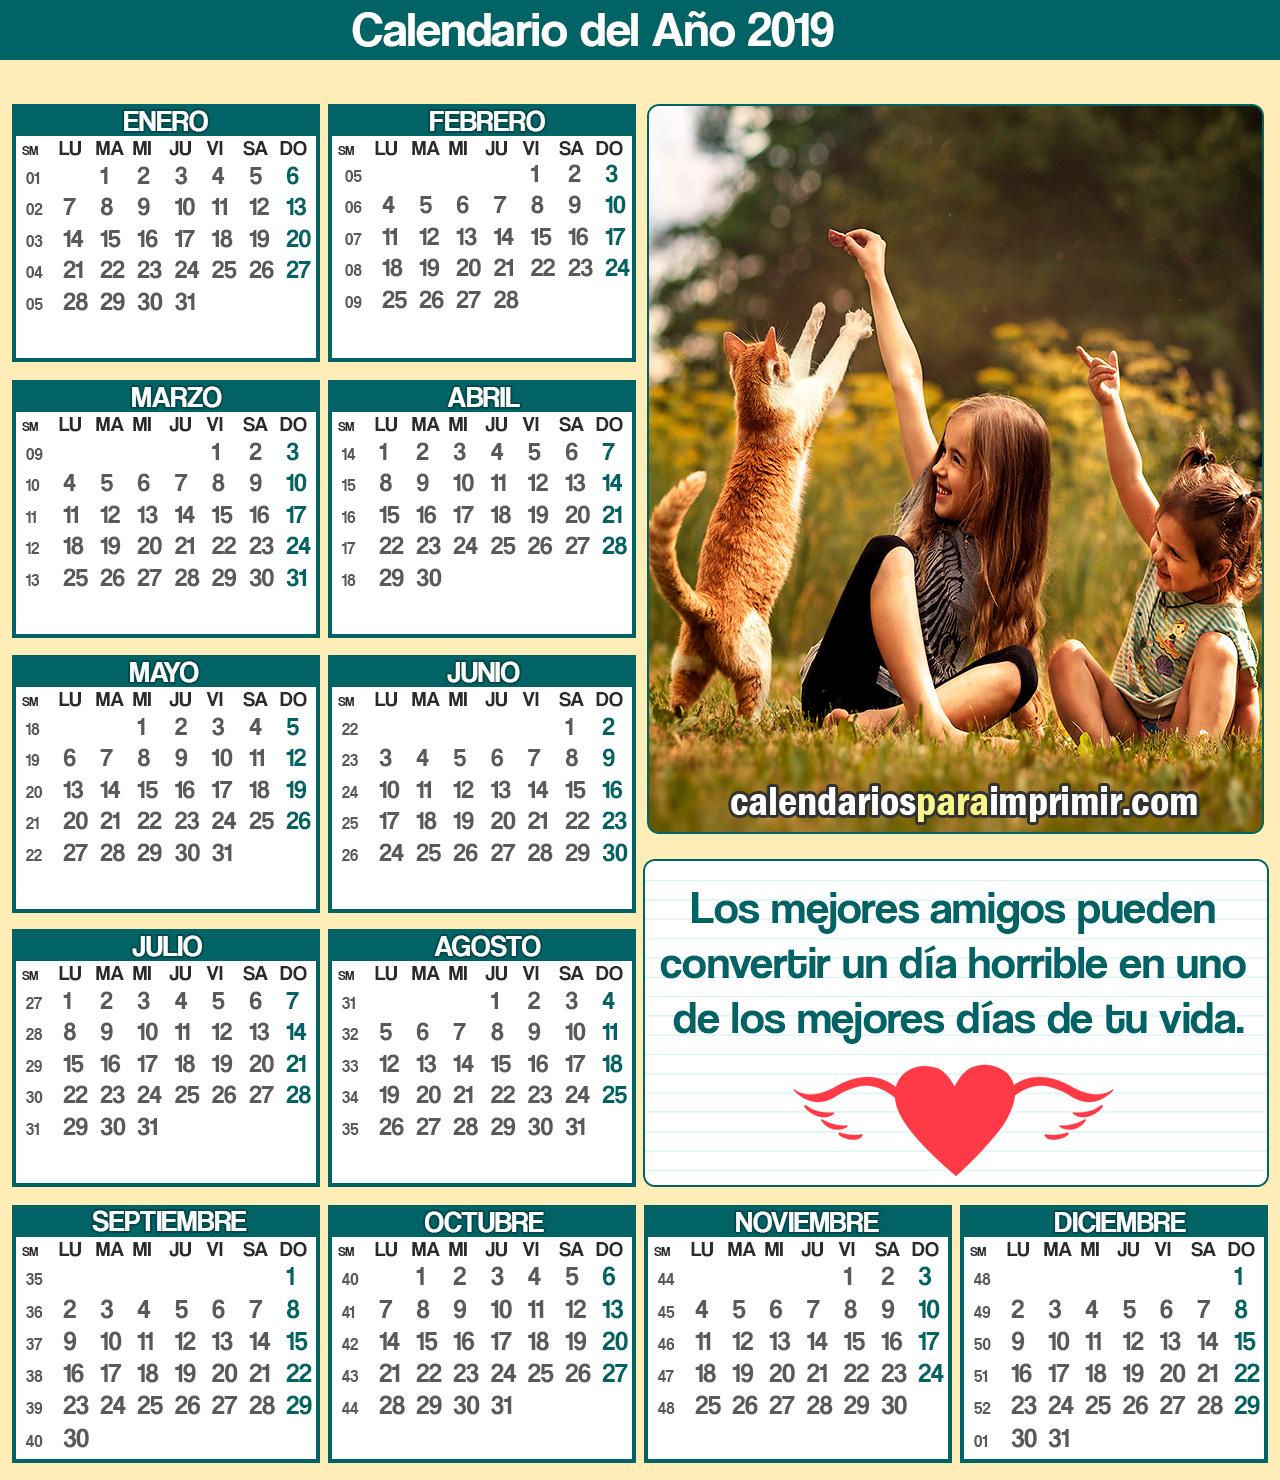 calendario para imprimir 2019 de amigos